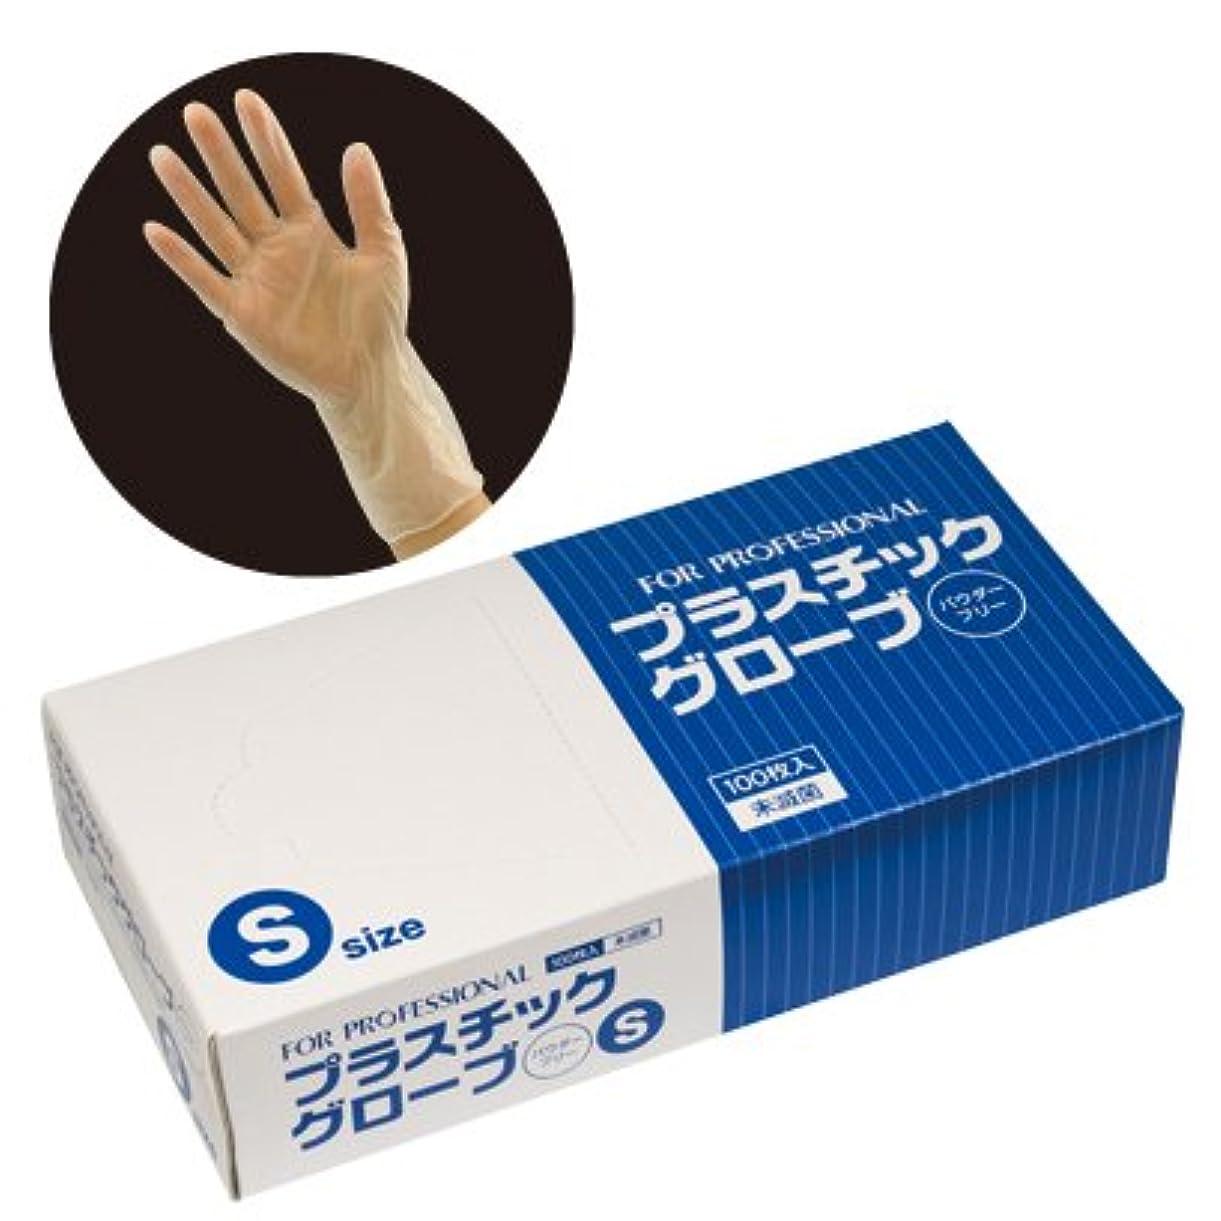 繁栄部分的に代わりにを立てる【業務用】 FEED(フィード) プラスチックグローブ(手袋) パウダーフリー/S カートン(100枚入×10ケース) (作業用) (378円/1個あたり)